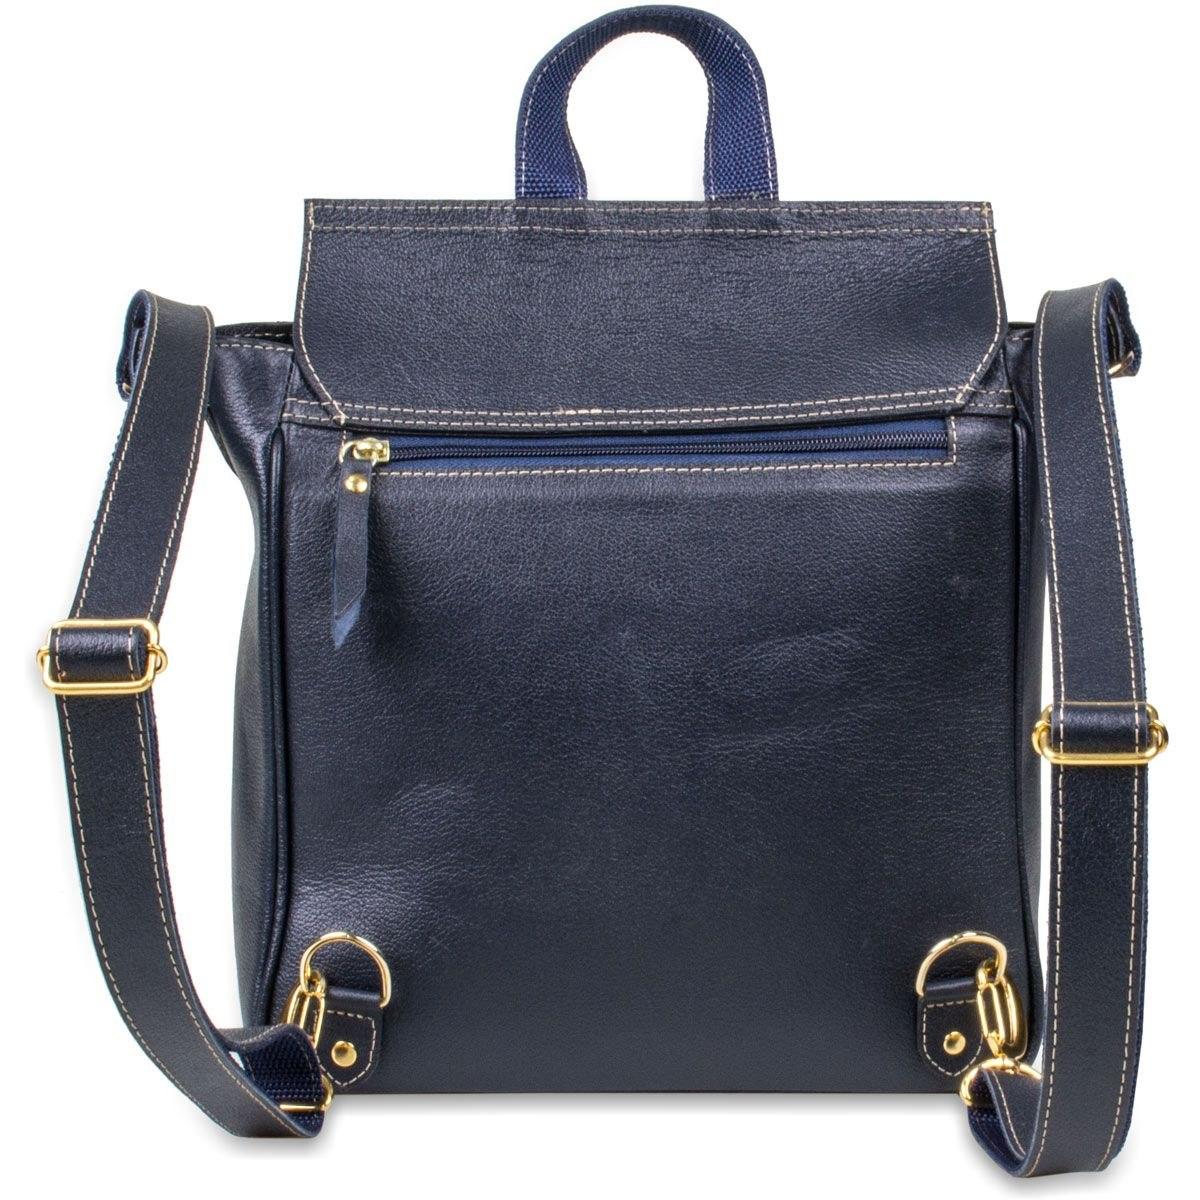 Bolsa Mochila Feminina Artlux - R  324,90 em Mercado Livre 988a87eb6f